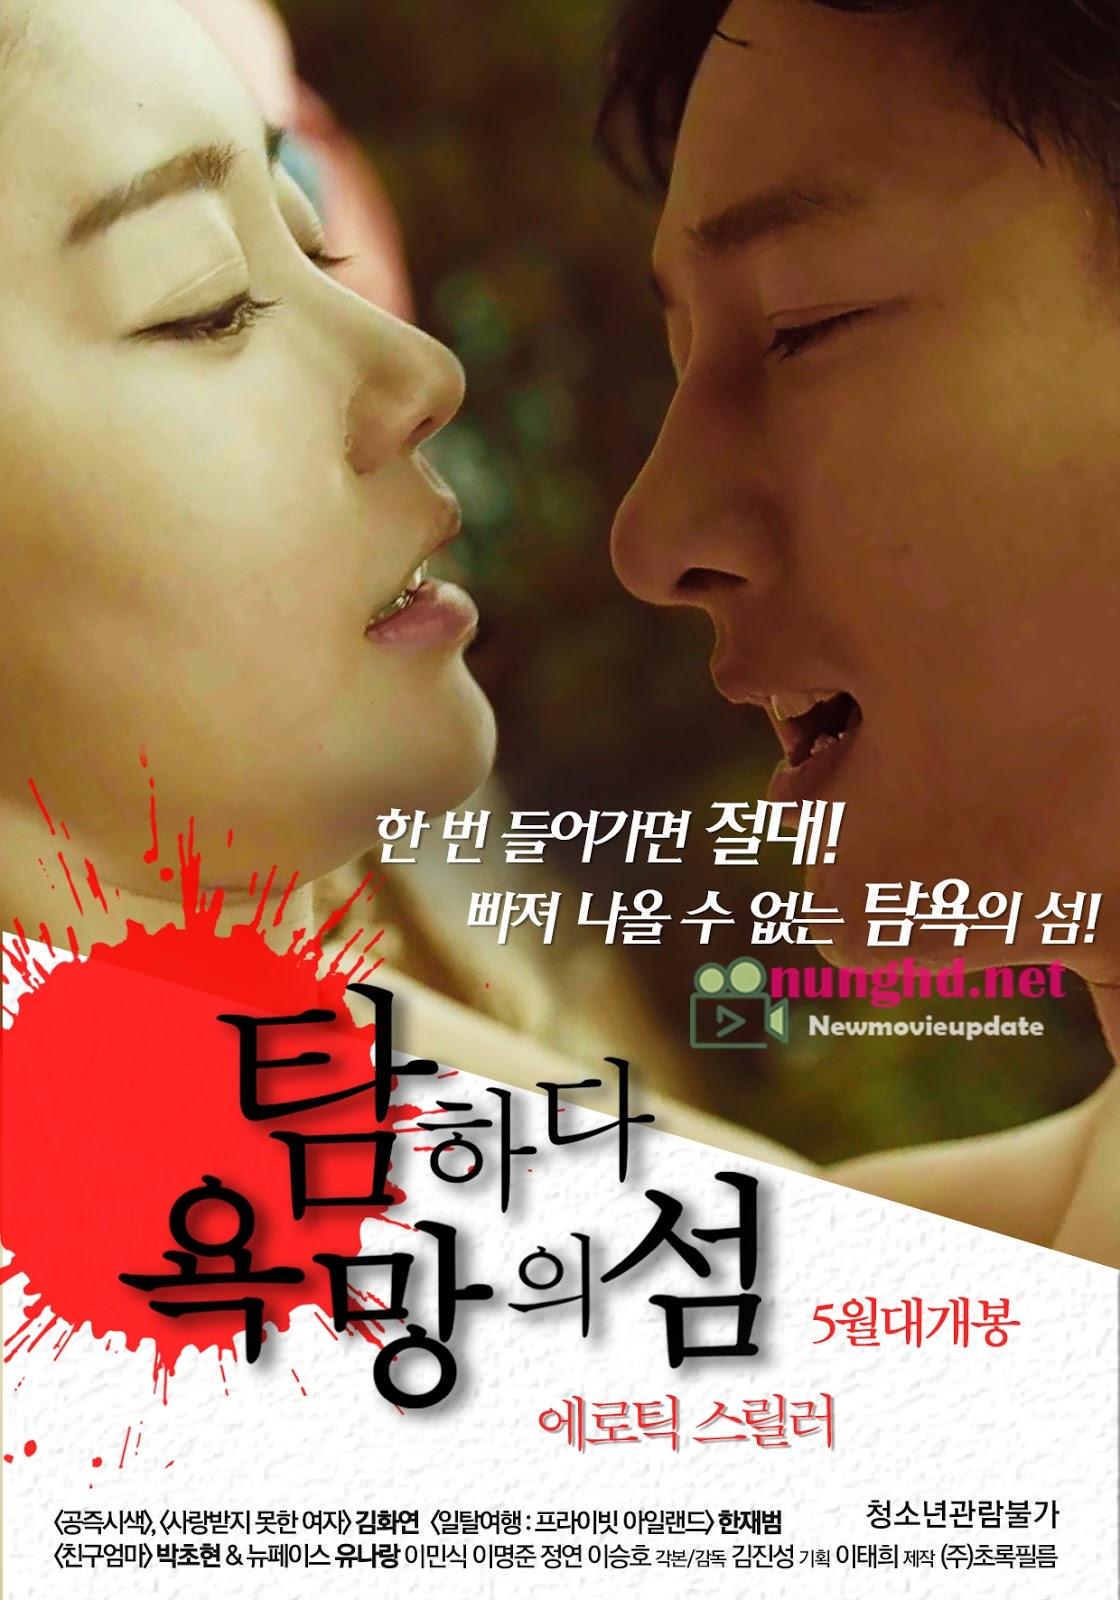 [เกาหลี 18+] Covet Island of Desire (2017) 탐하다:욕망의 섬 [Soundtrack ไม่มีบรรยายไทย]